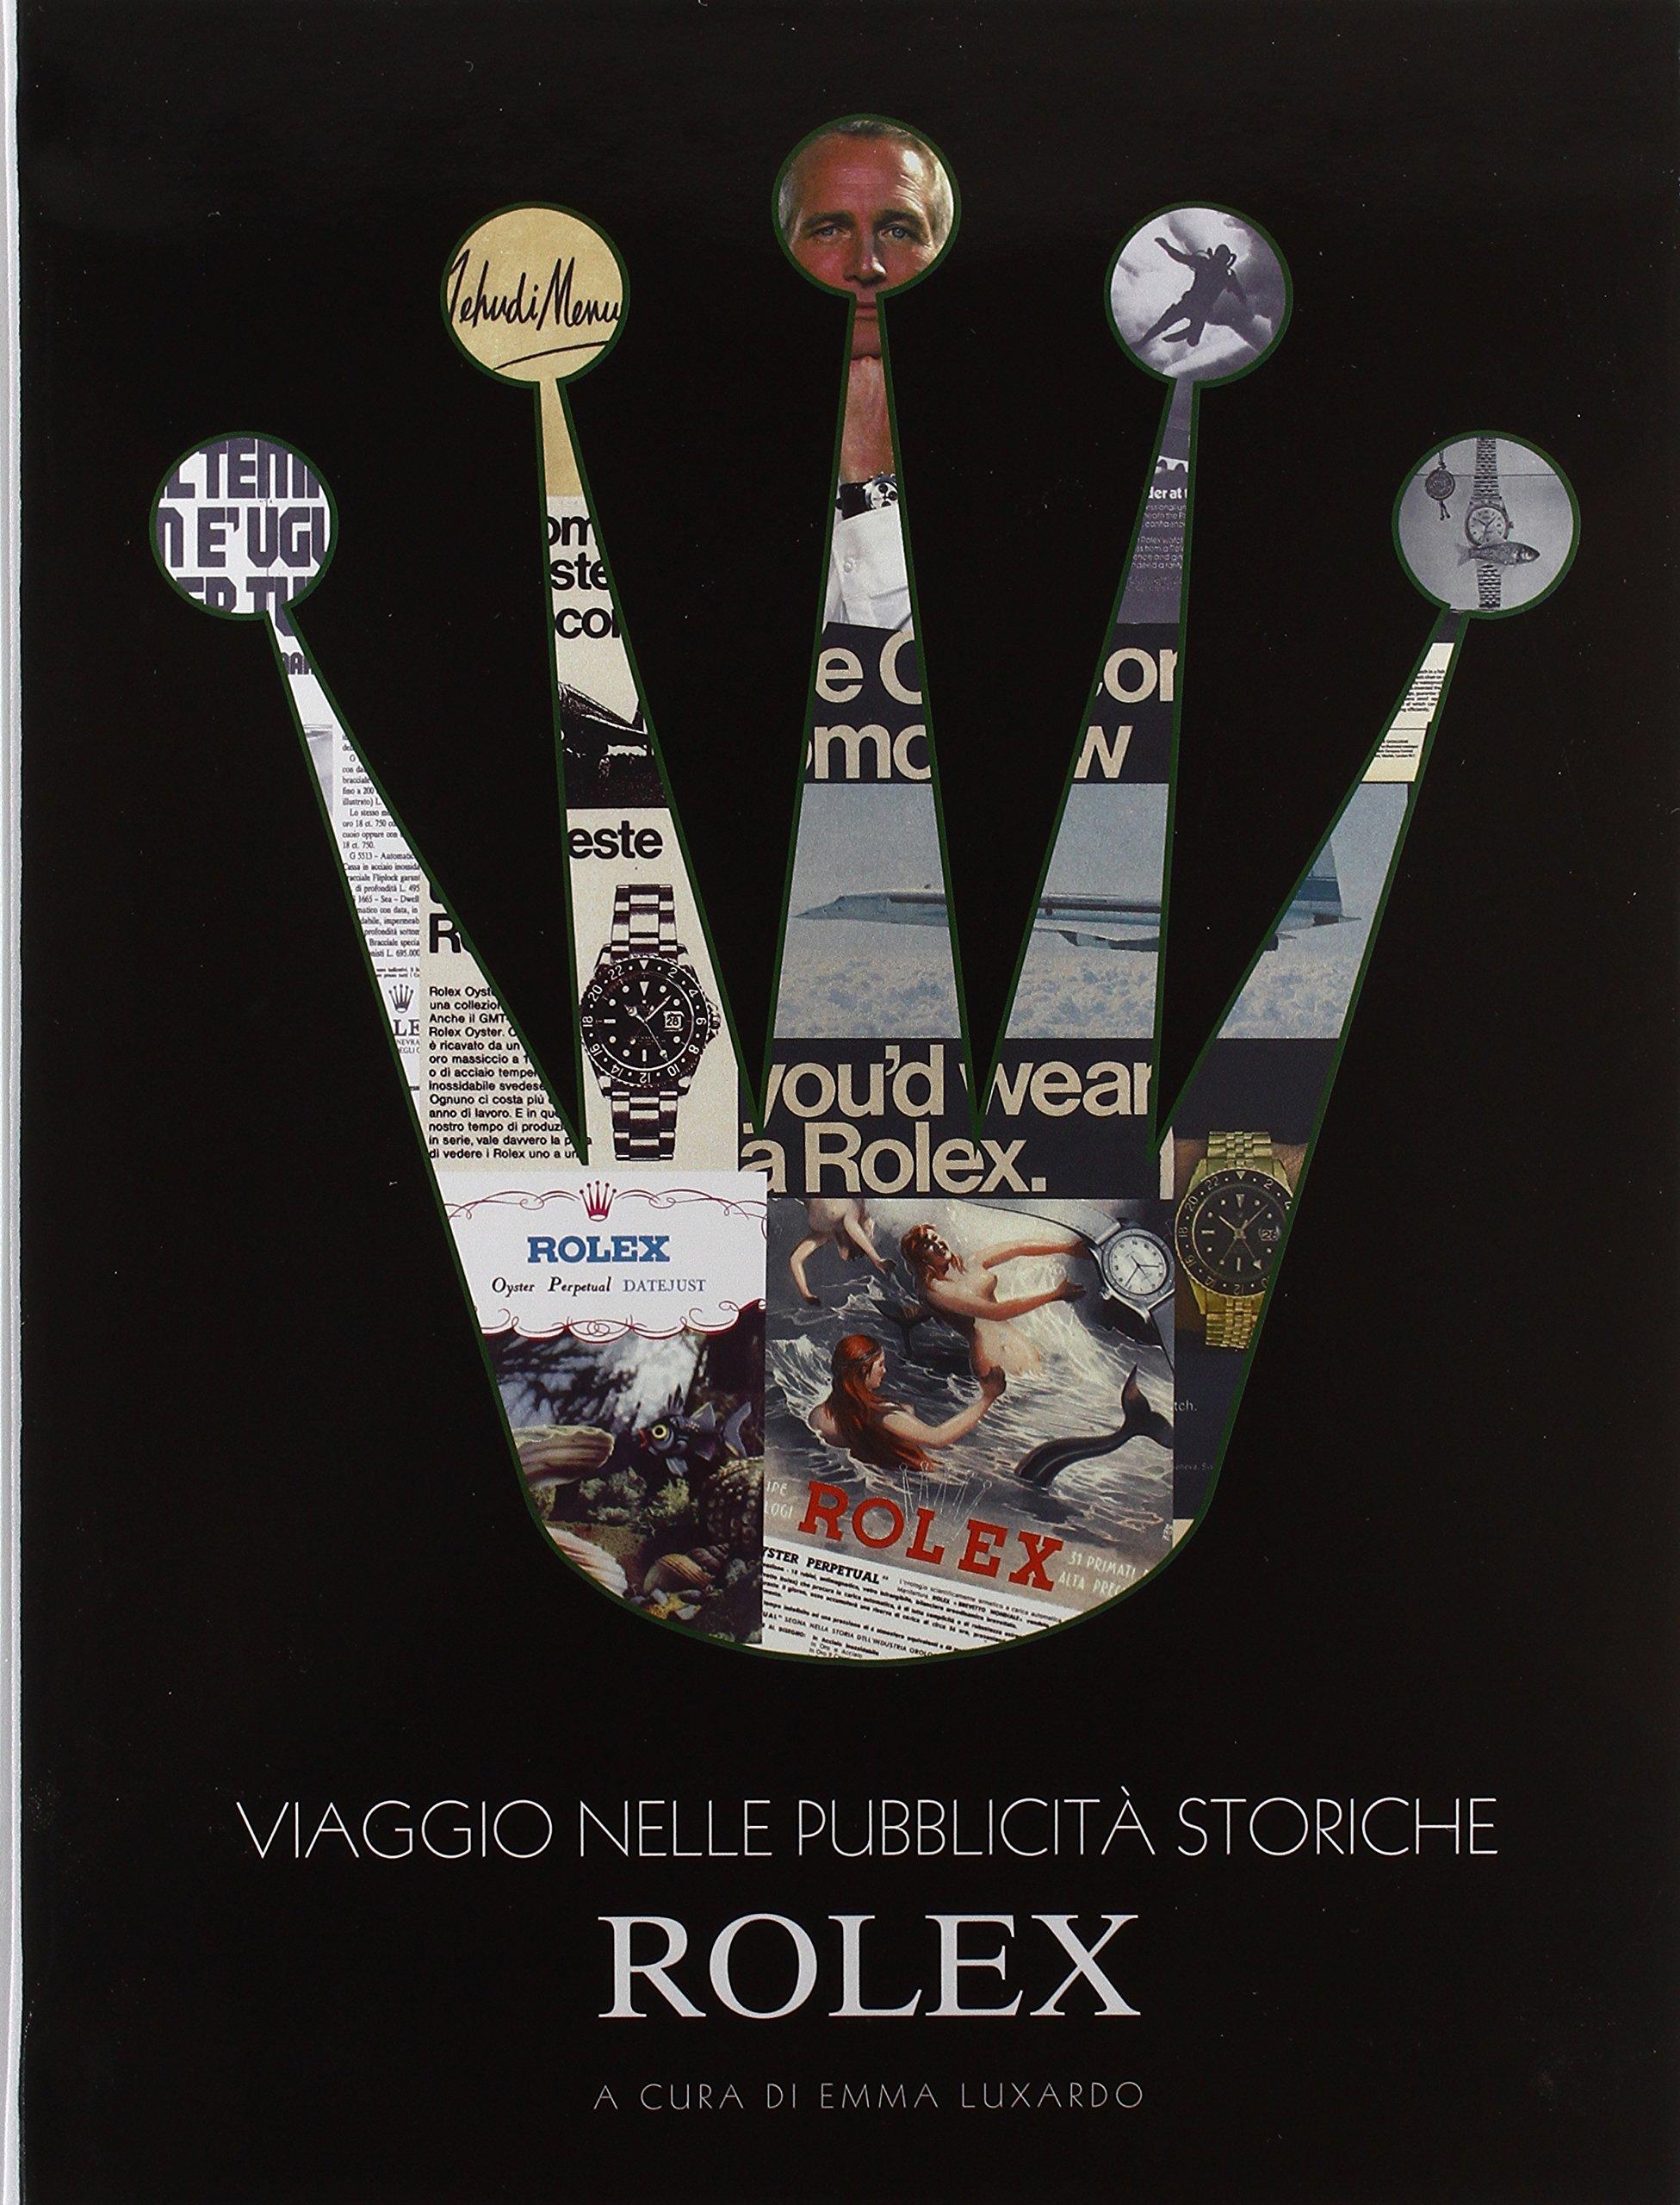 Viaggio nelle pubblicità storiche Rolex. Ediz. illustrata